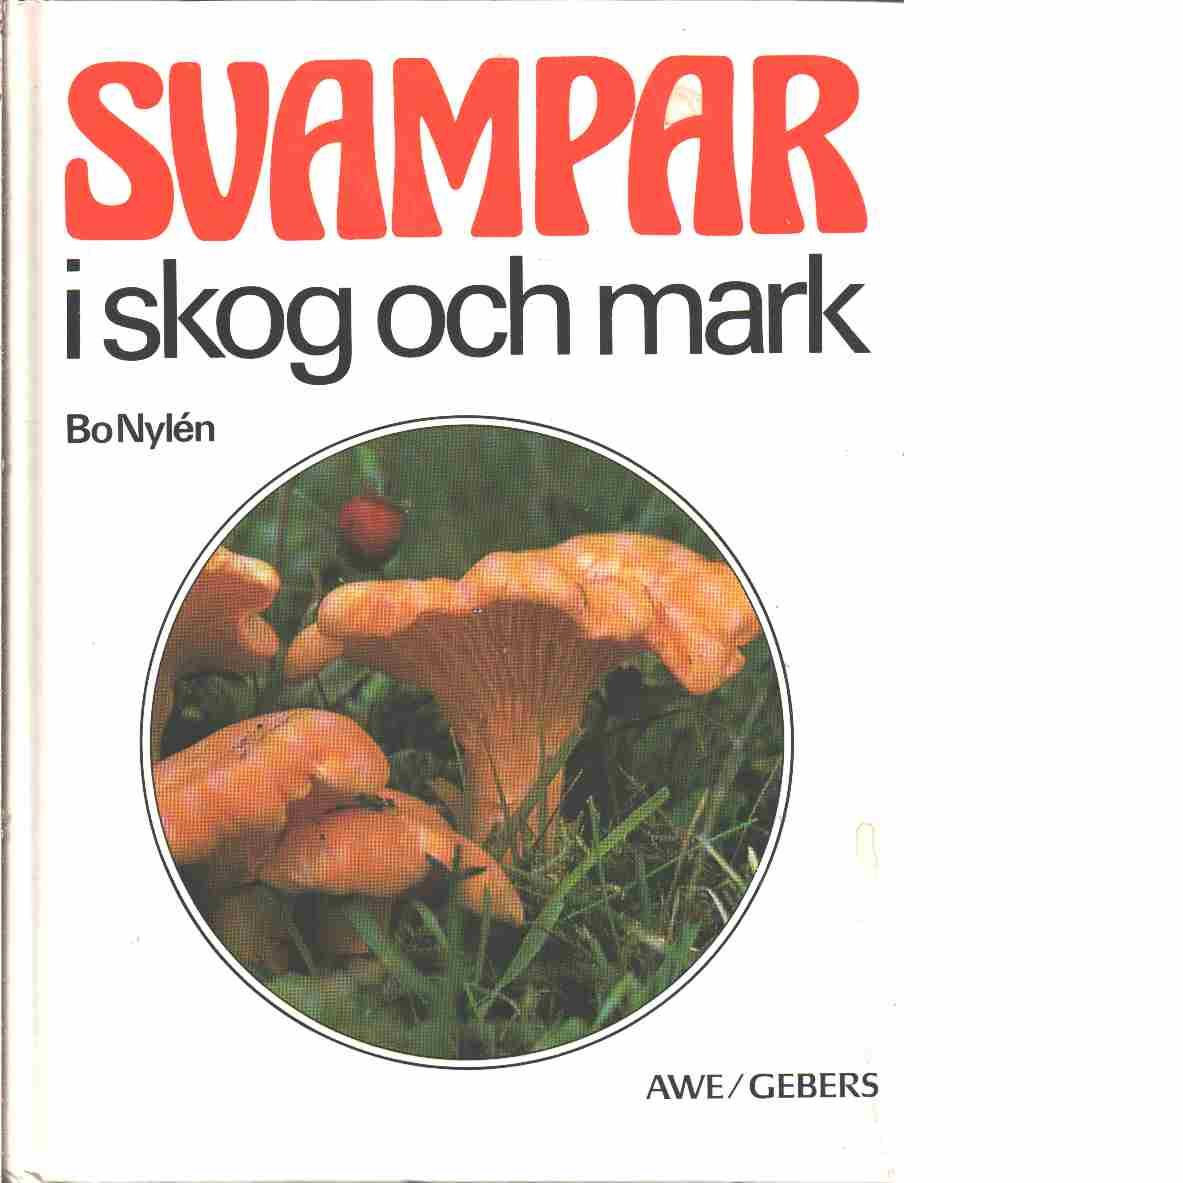 Svampar i skog och mark : 404 svampar i färg - Nylén, Bo